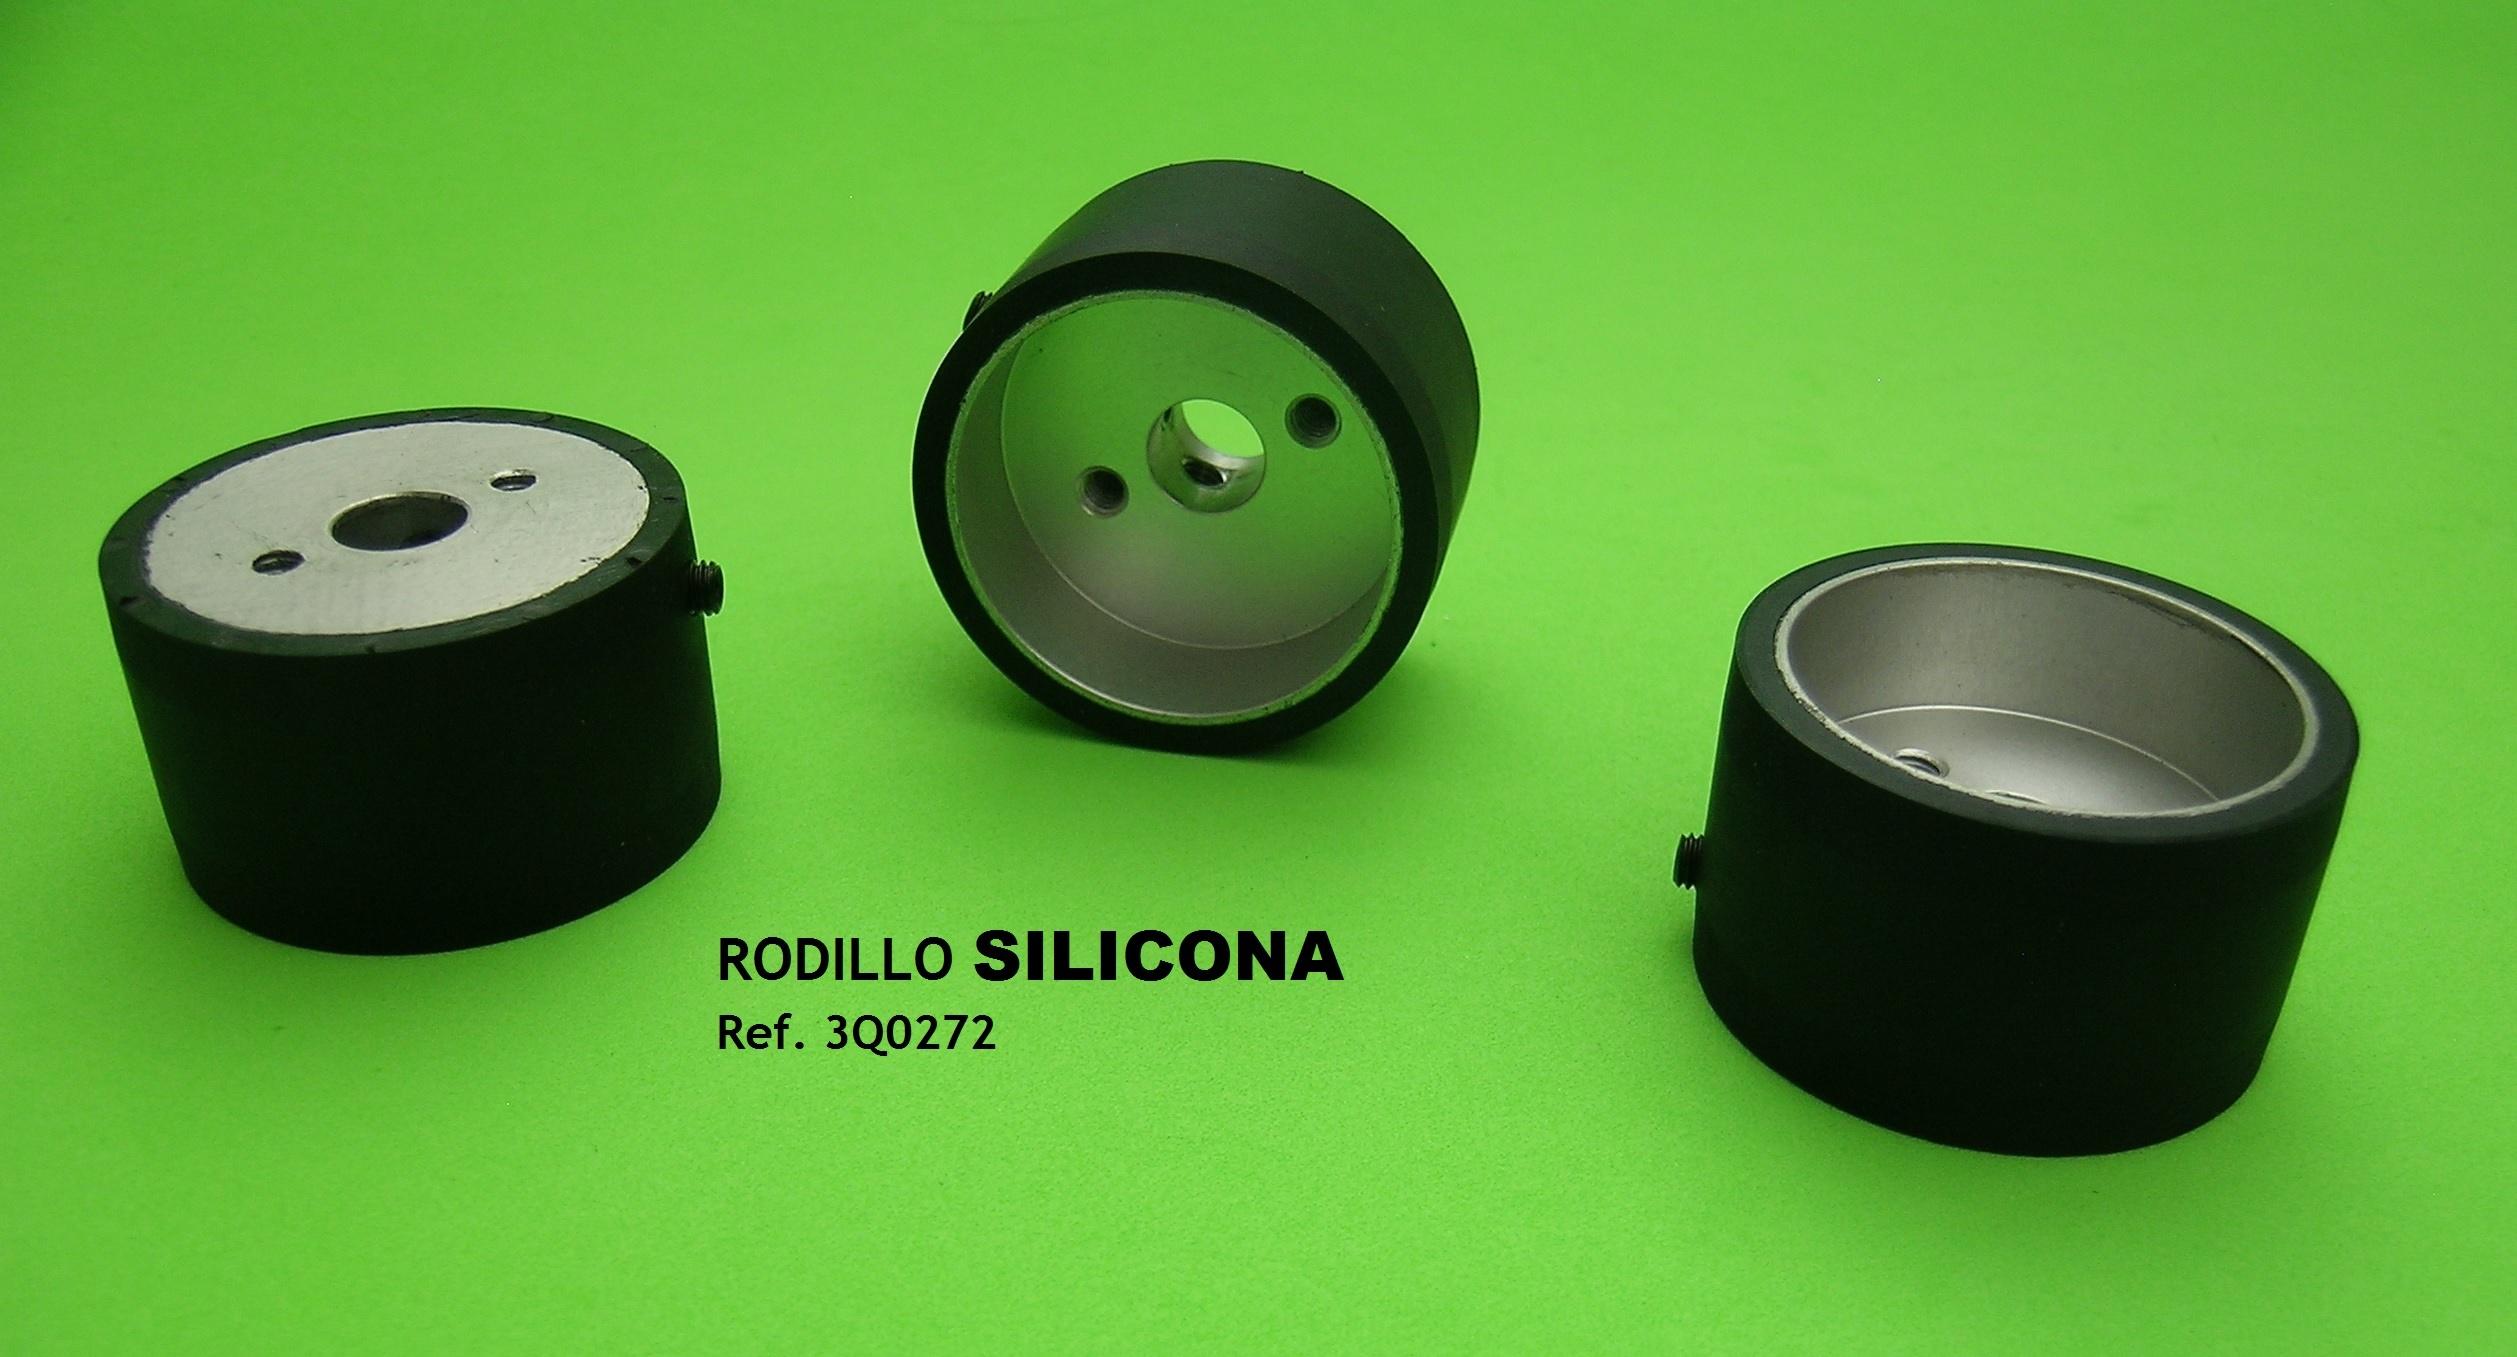 Rodillo silicona 3Q0272